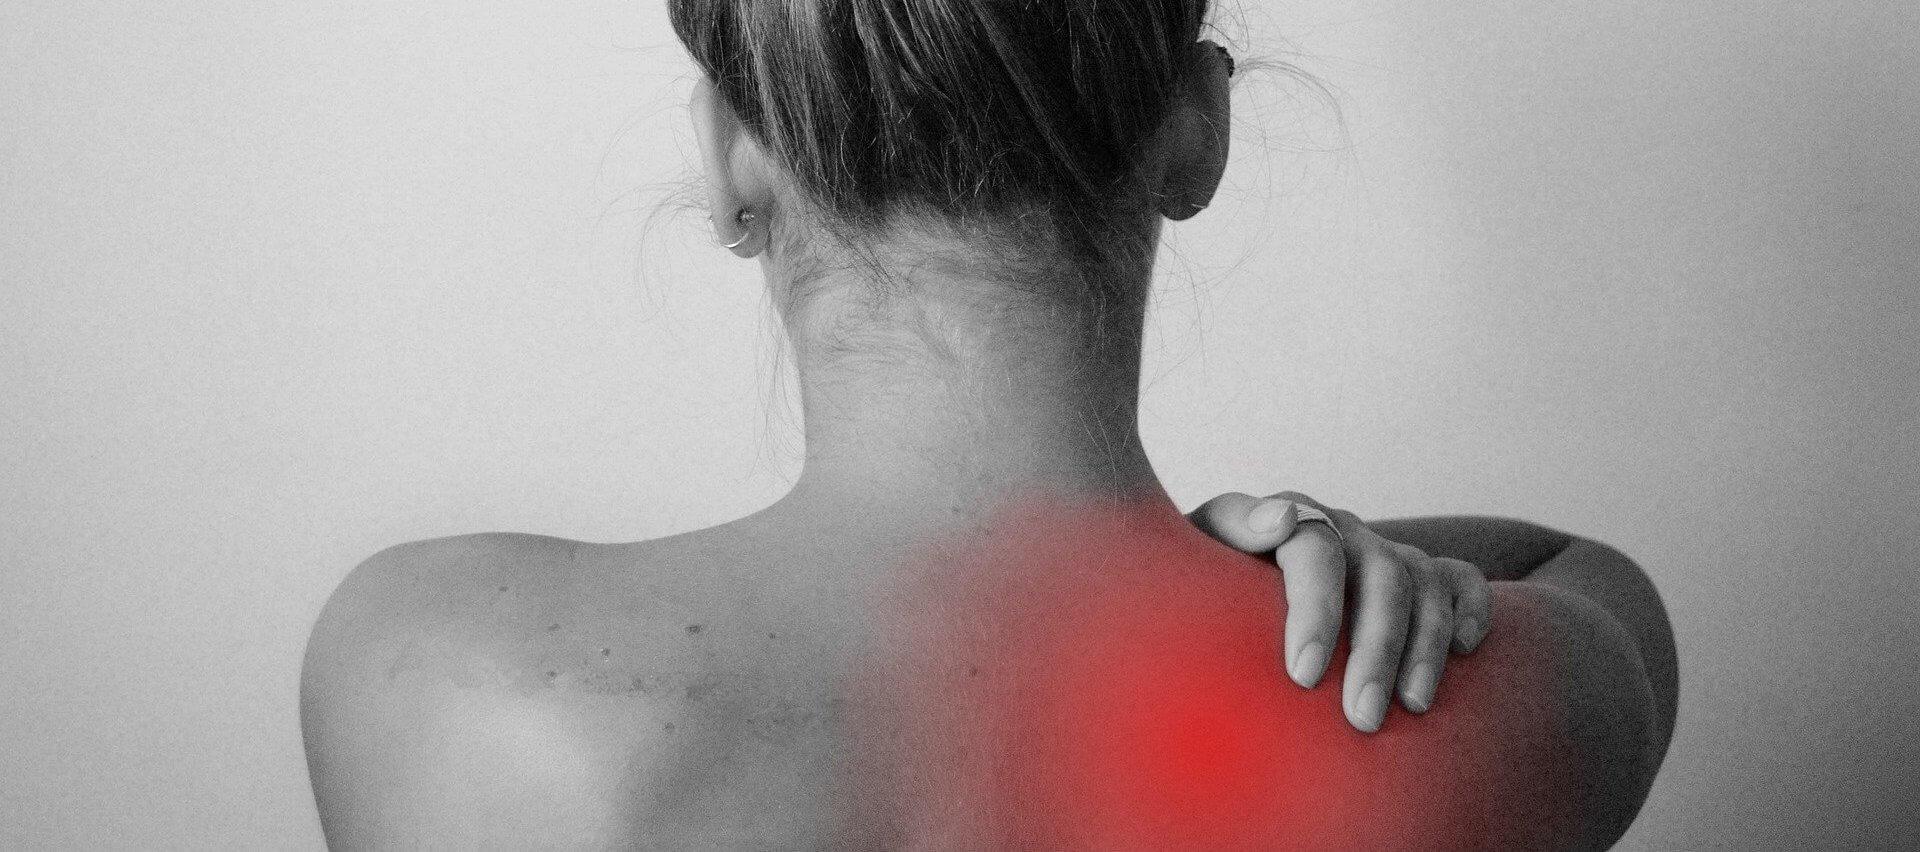 Verletzungen und Probleme beim Handstandtraining